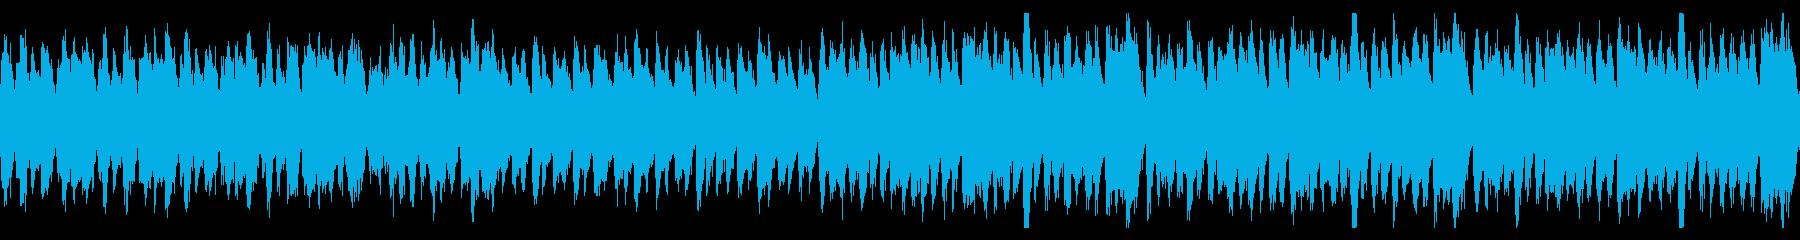 オーケストラ楽器構成のハロウィーン曲の再生済みの波形